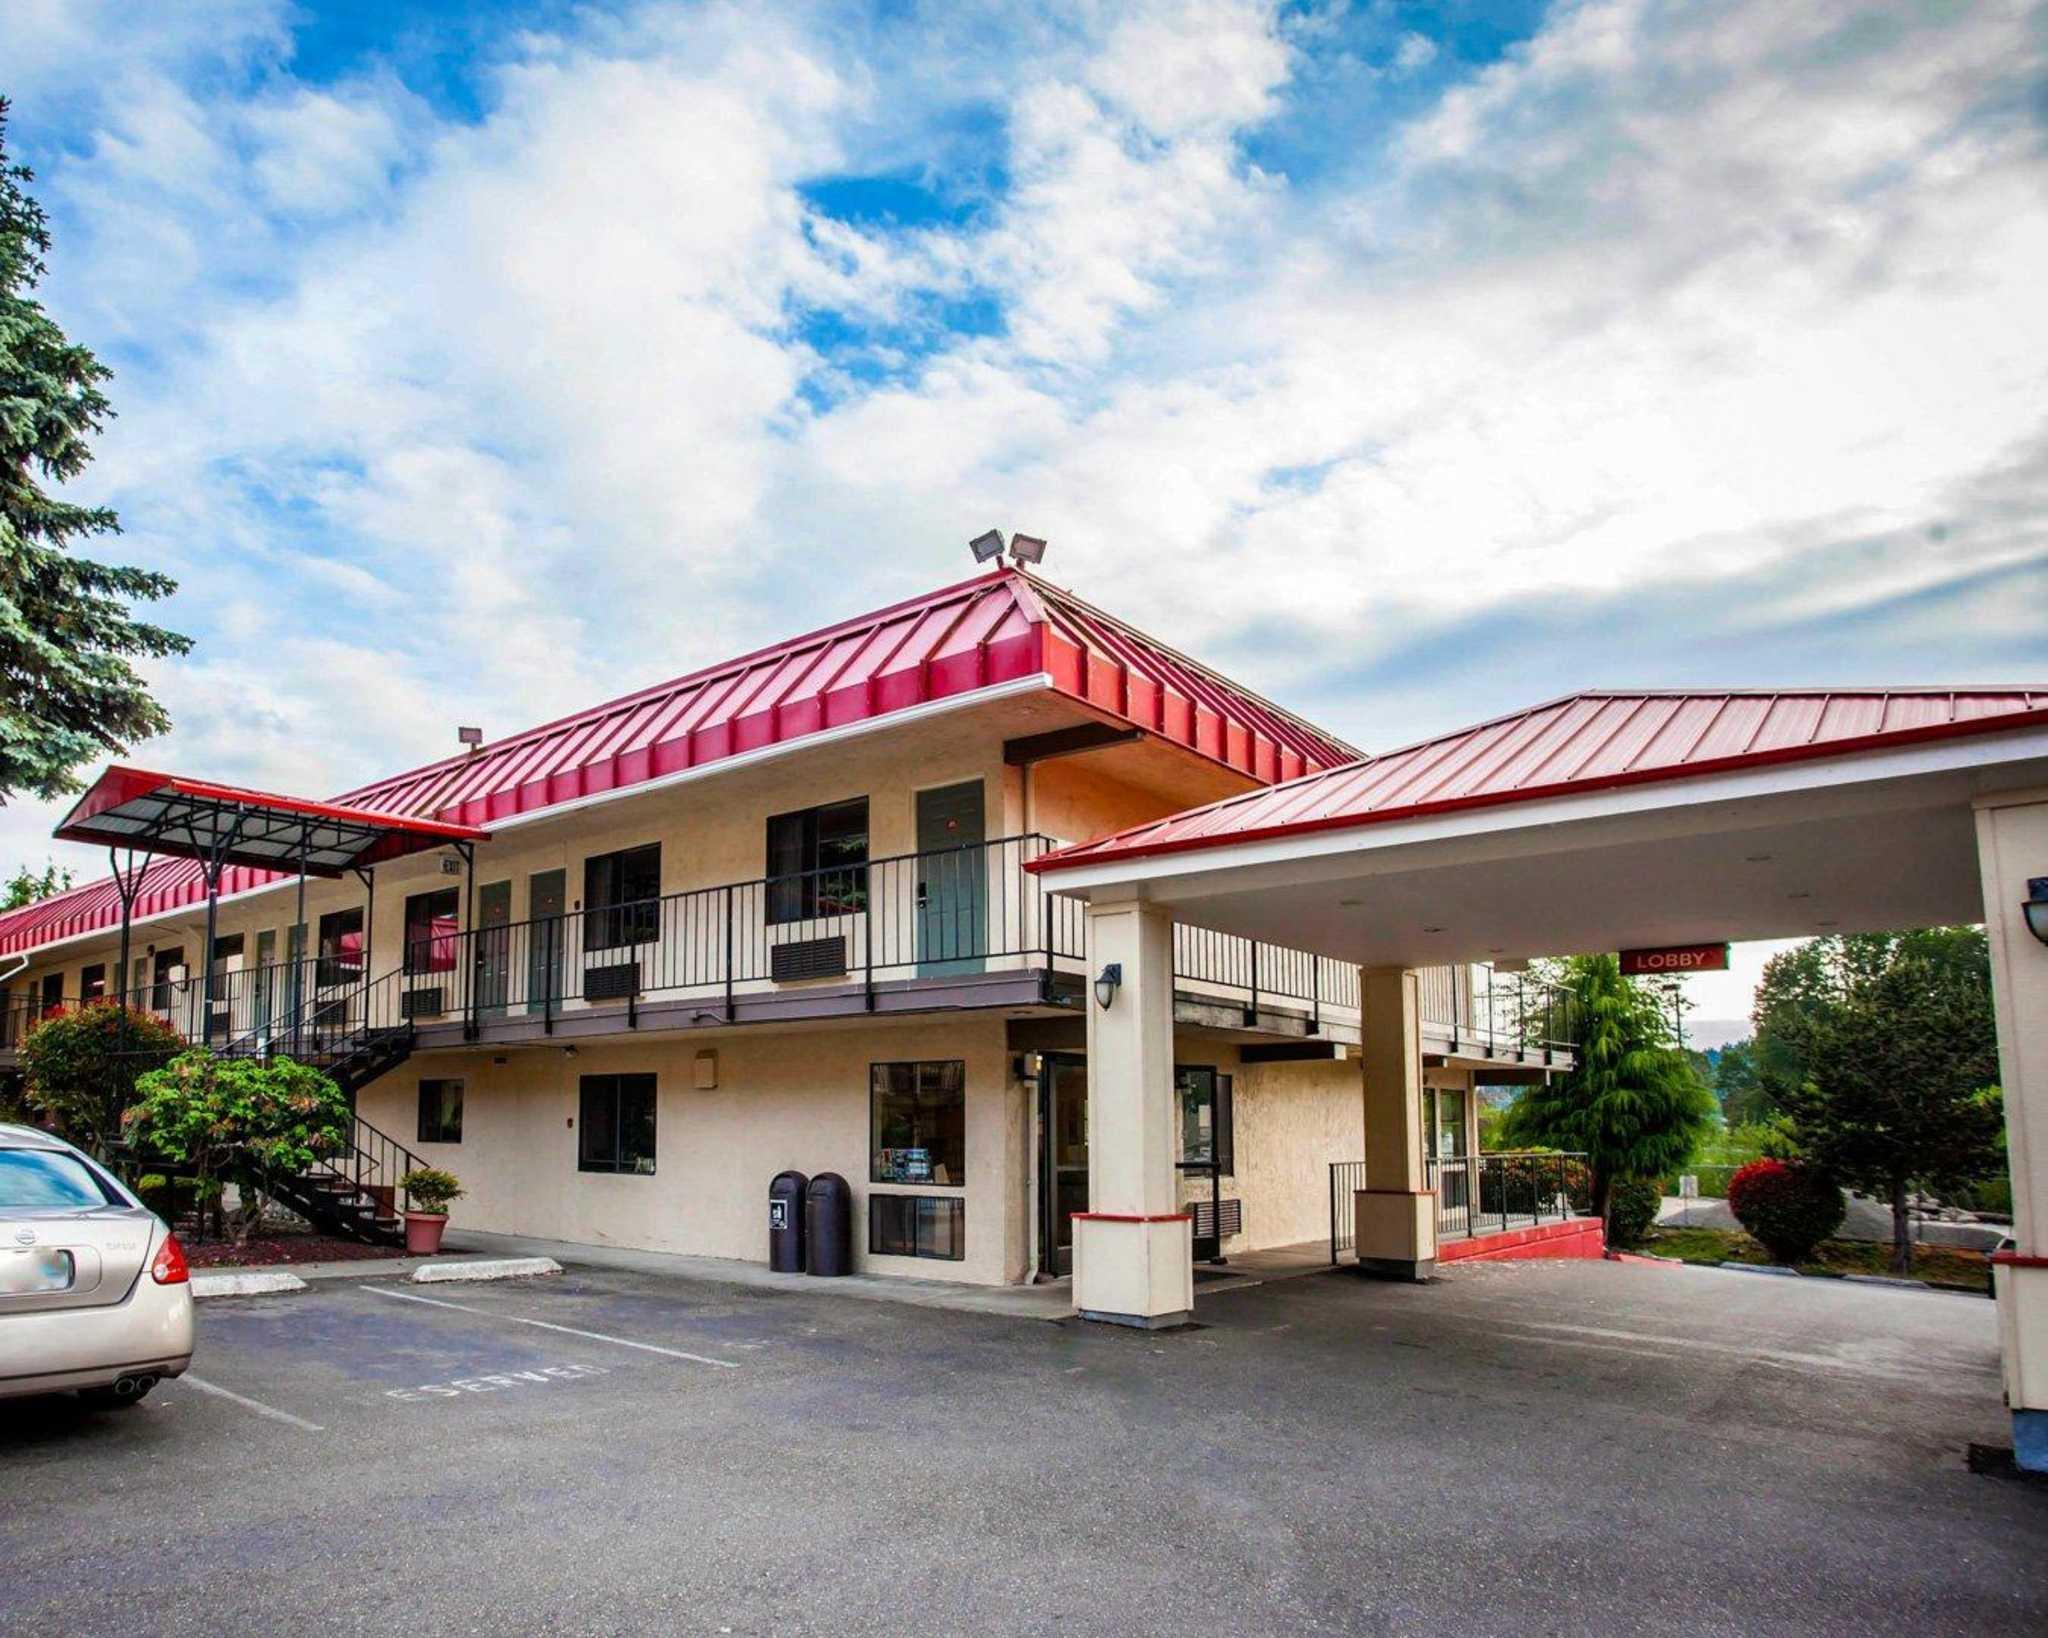 Econo Lodge Renton-Bellevue image 2